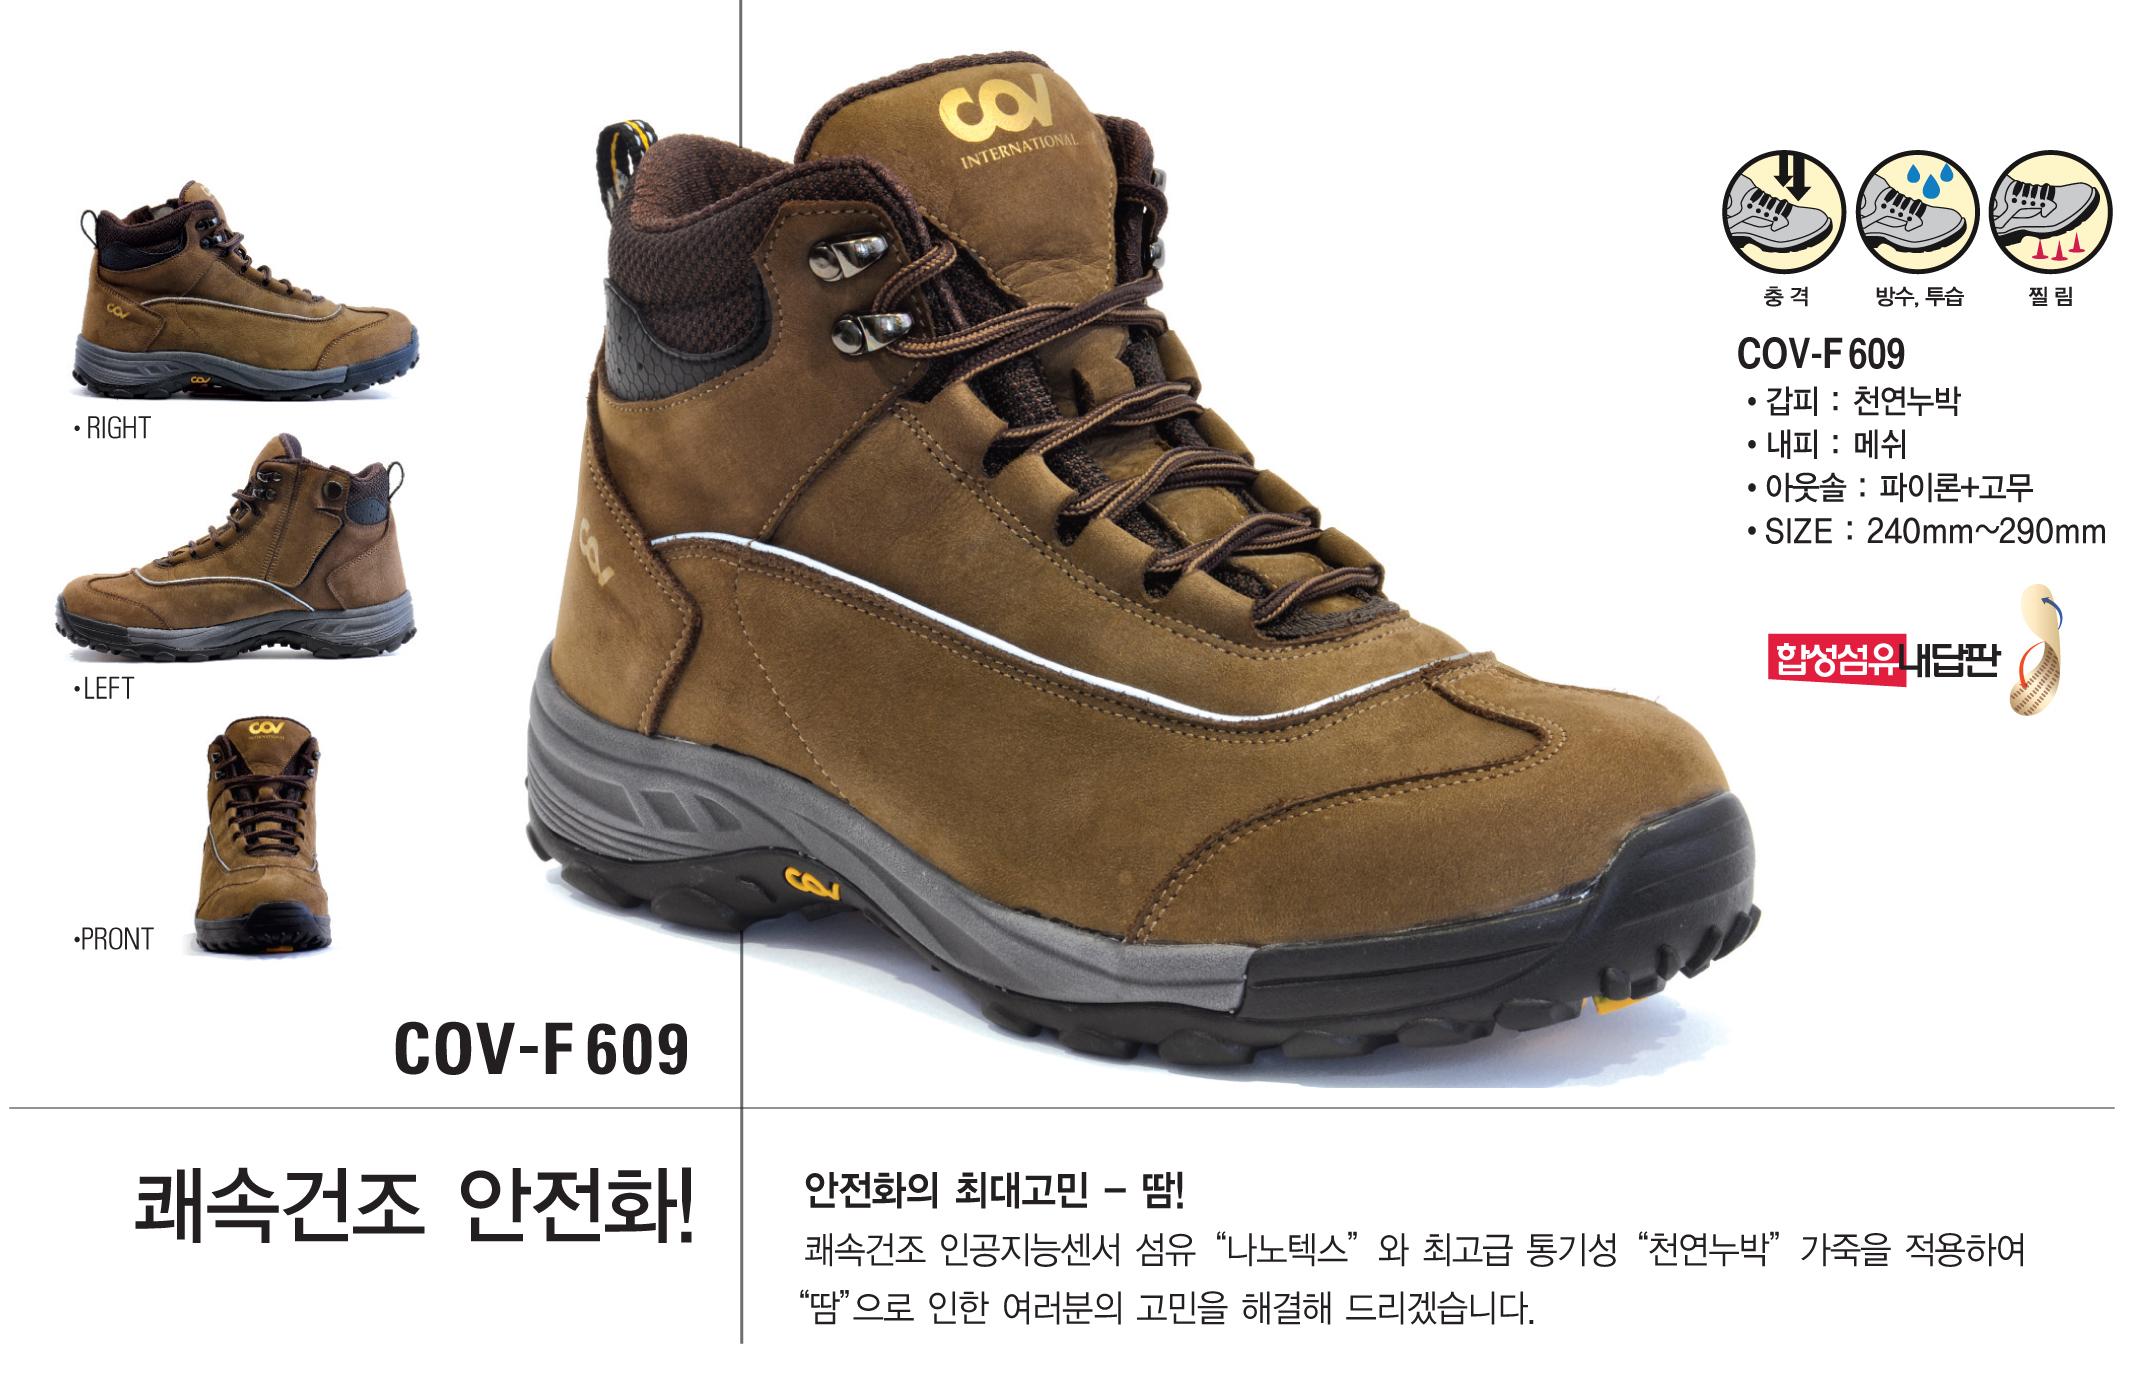 GIÀY BẢO HỘ HÀN QUỐC COV F609